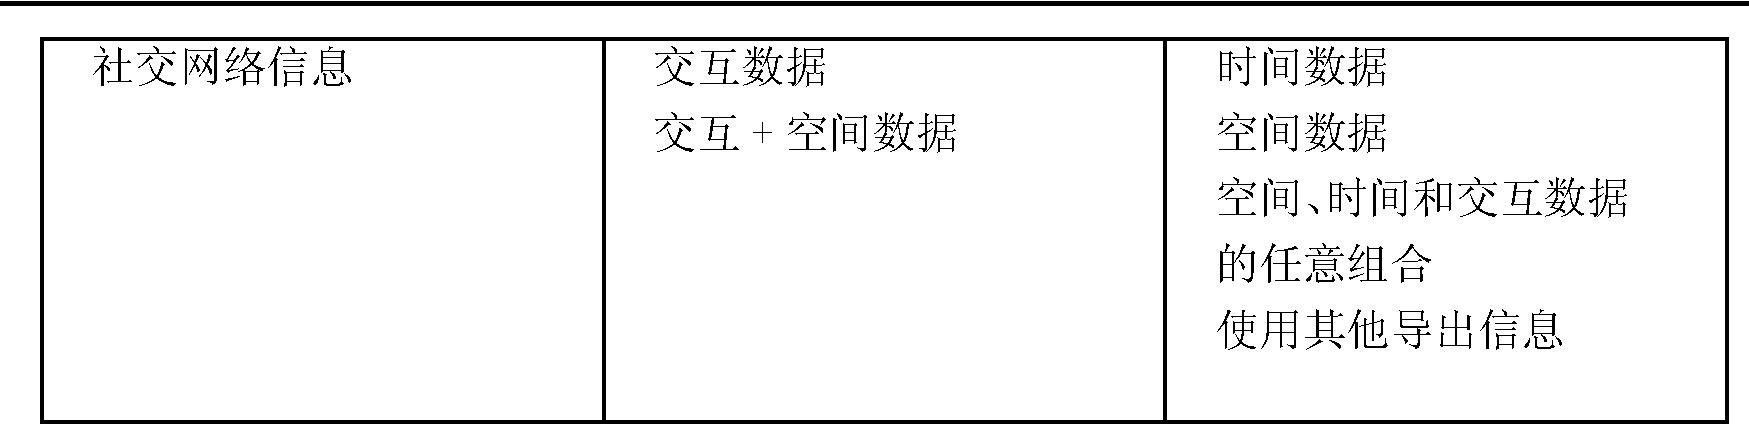 Figure CN101542923BD00171